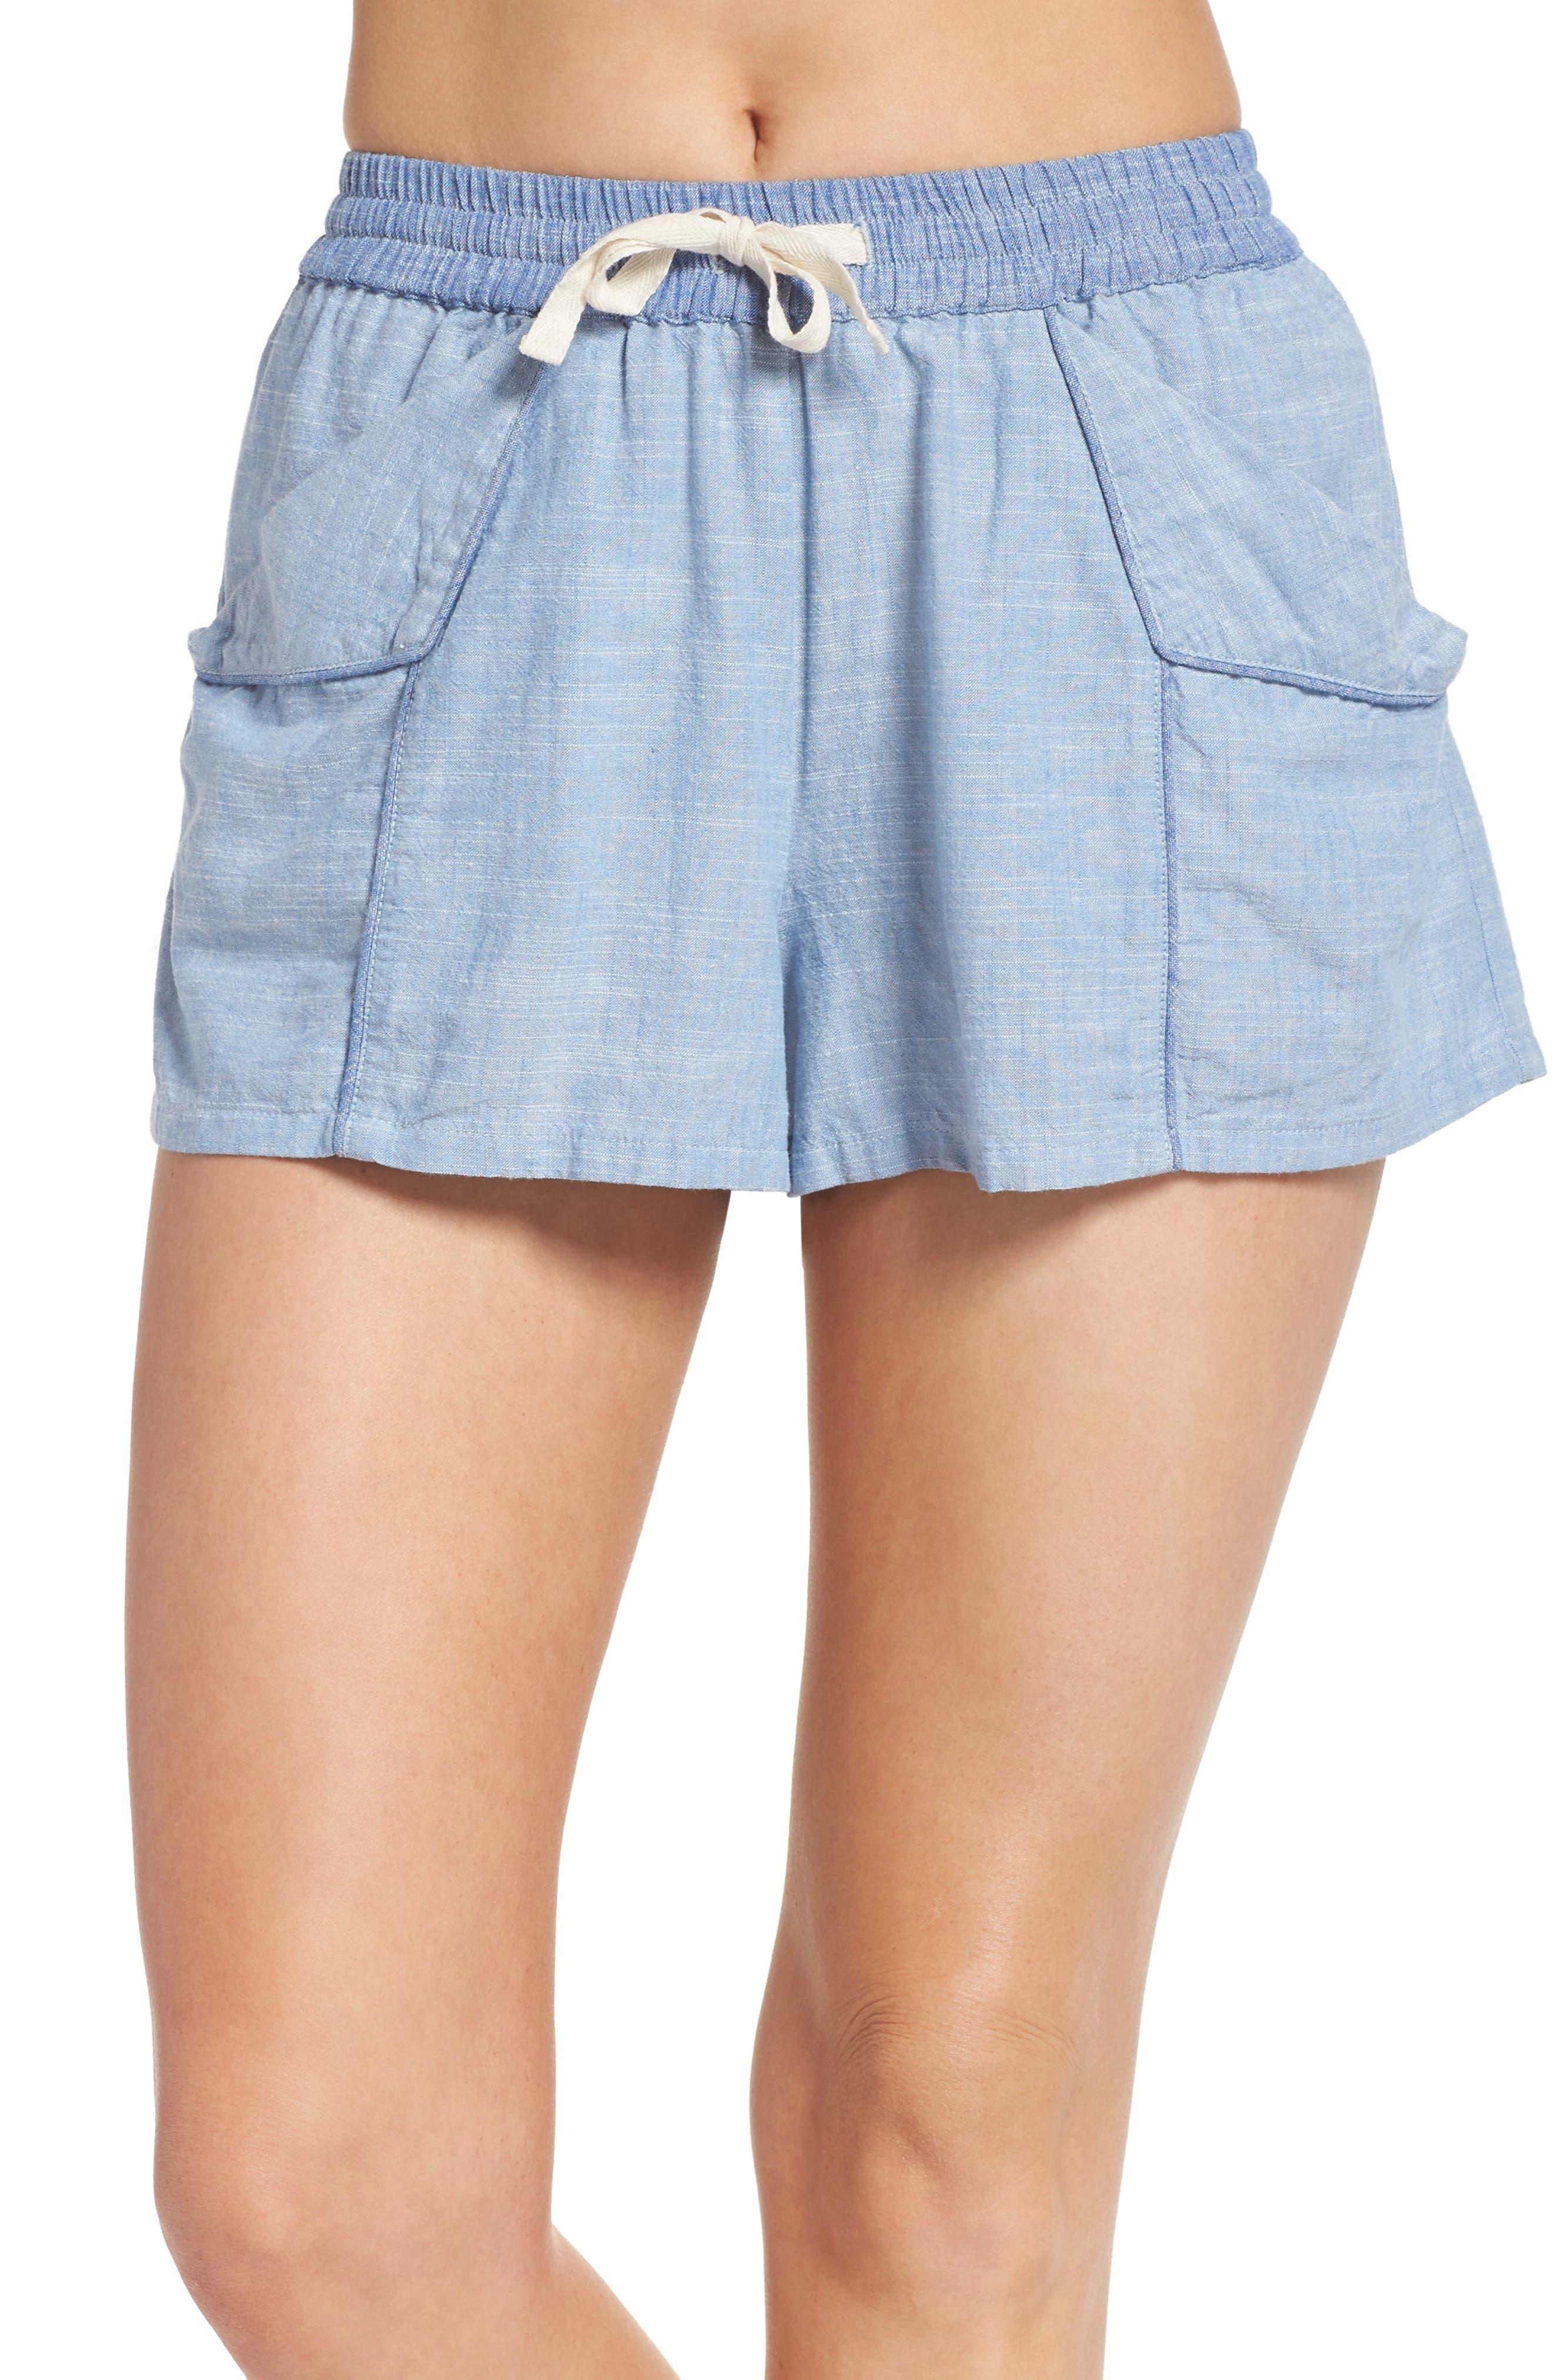 Jude Pajama Shorts,                             Main thumbnail 1, color,                             458